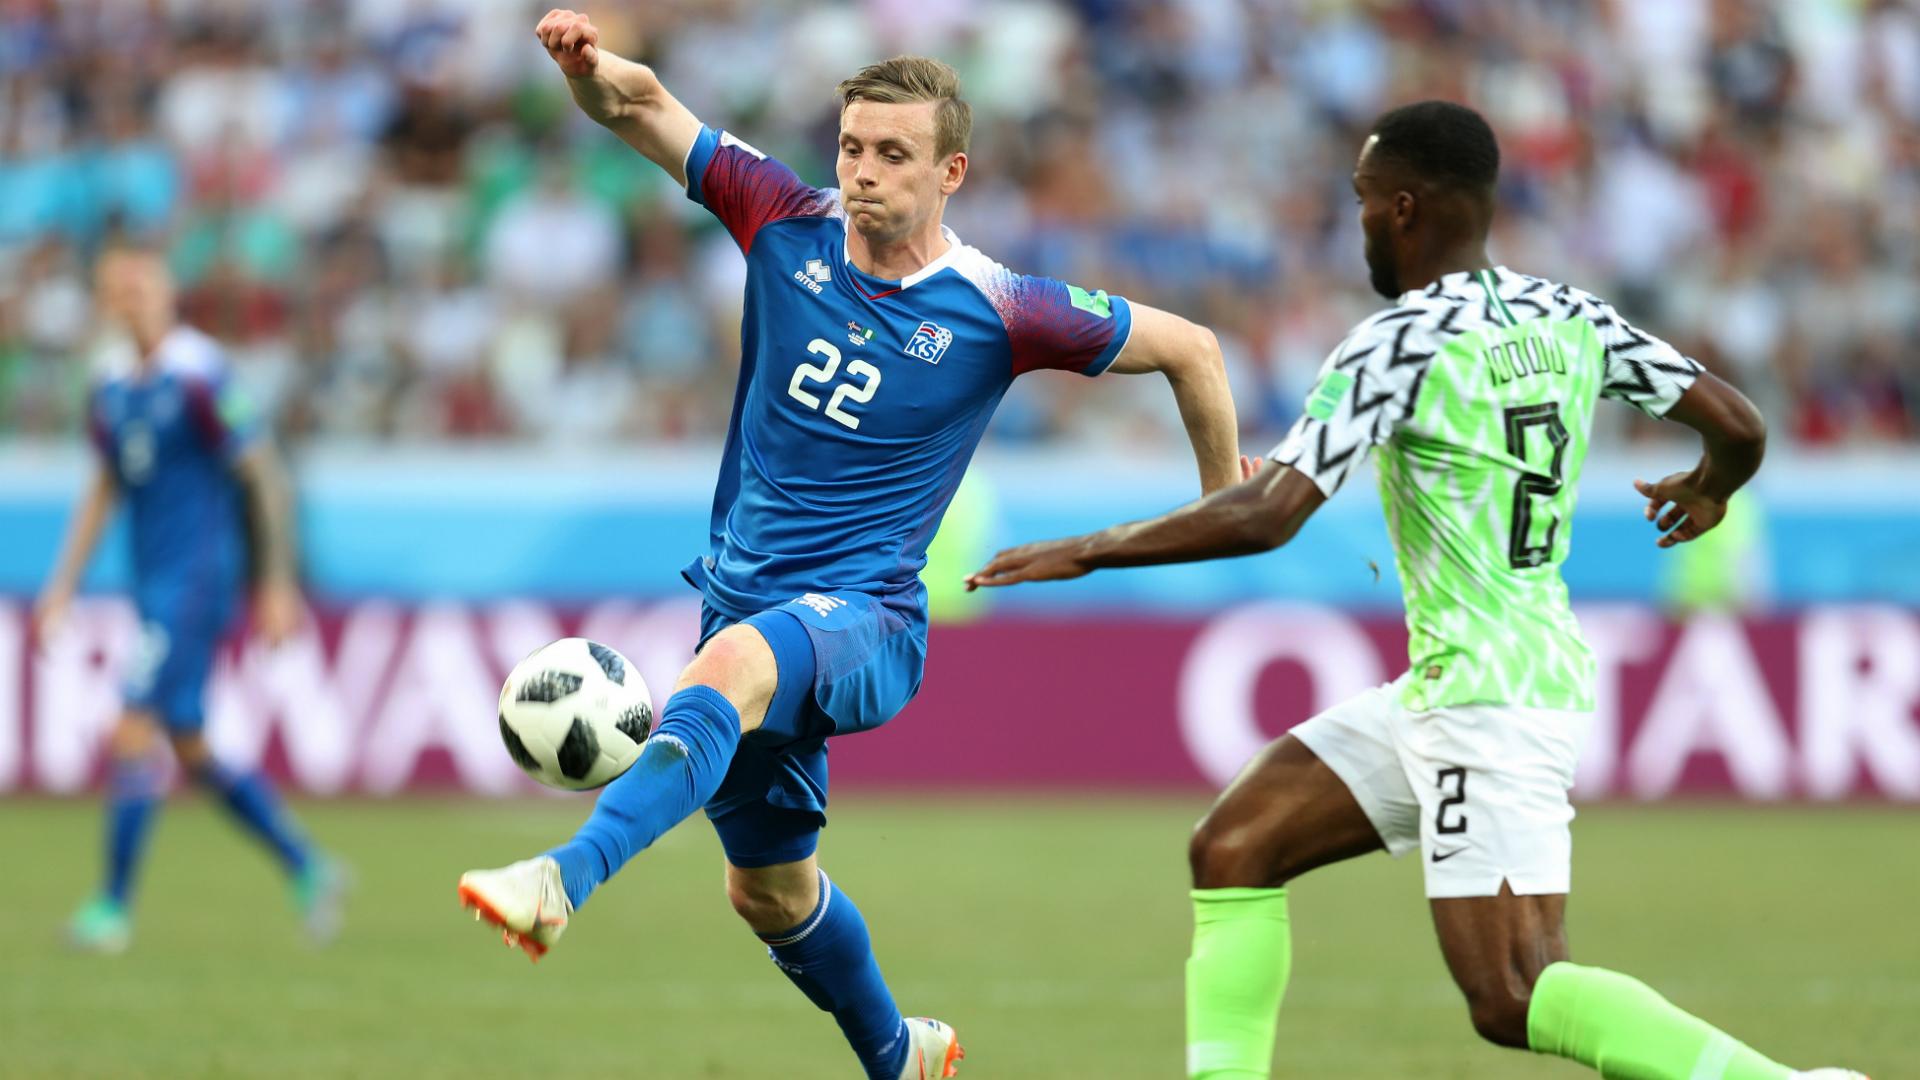 Piala Dunia 2018 - Dibekap Nigeria, Pelatih Islandia ...